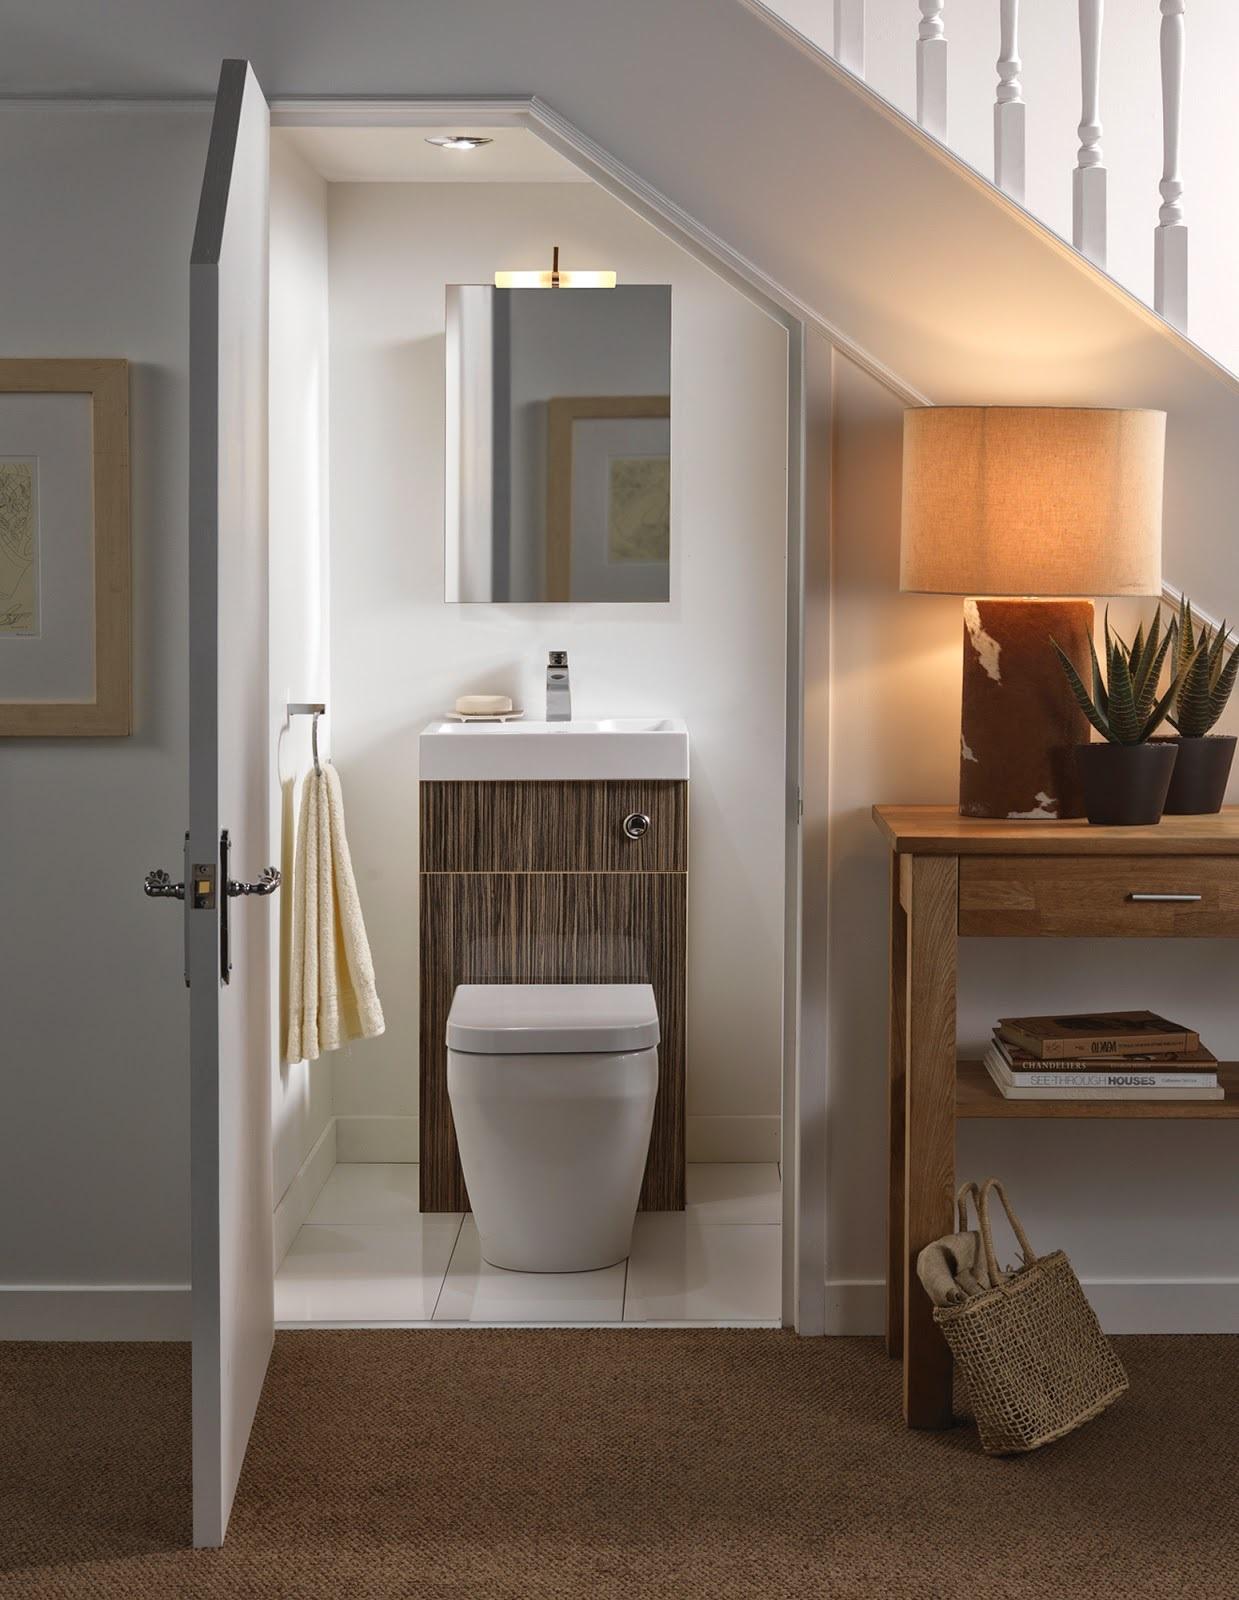 mẫu thiết kế nhà vệ sinh với diện tích nhỏ